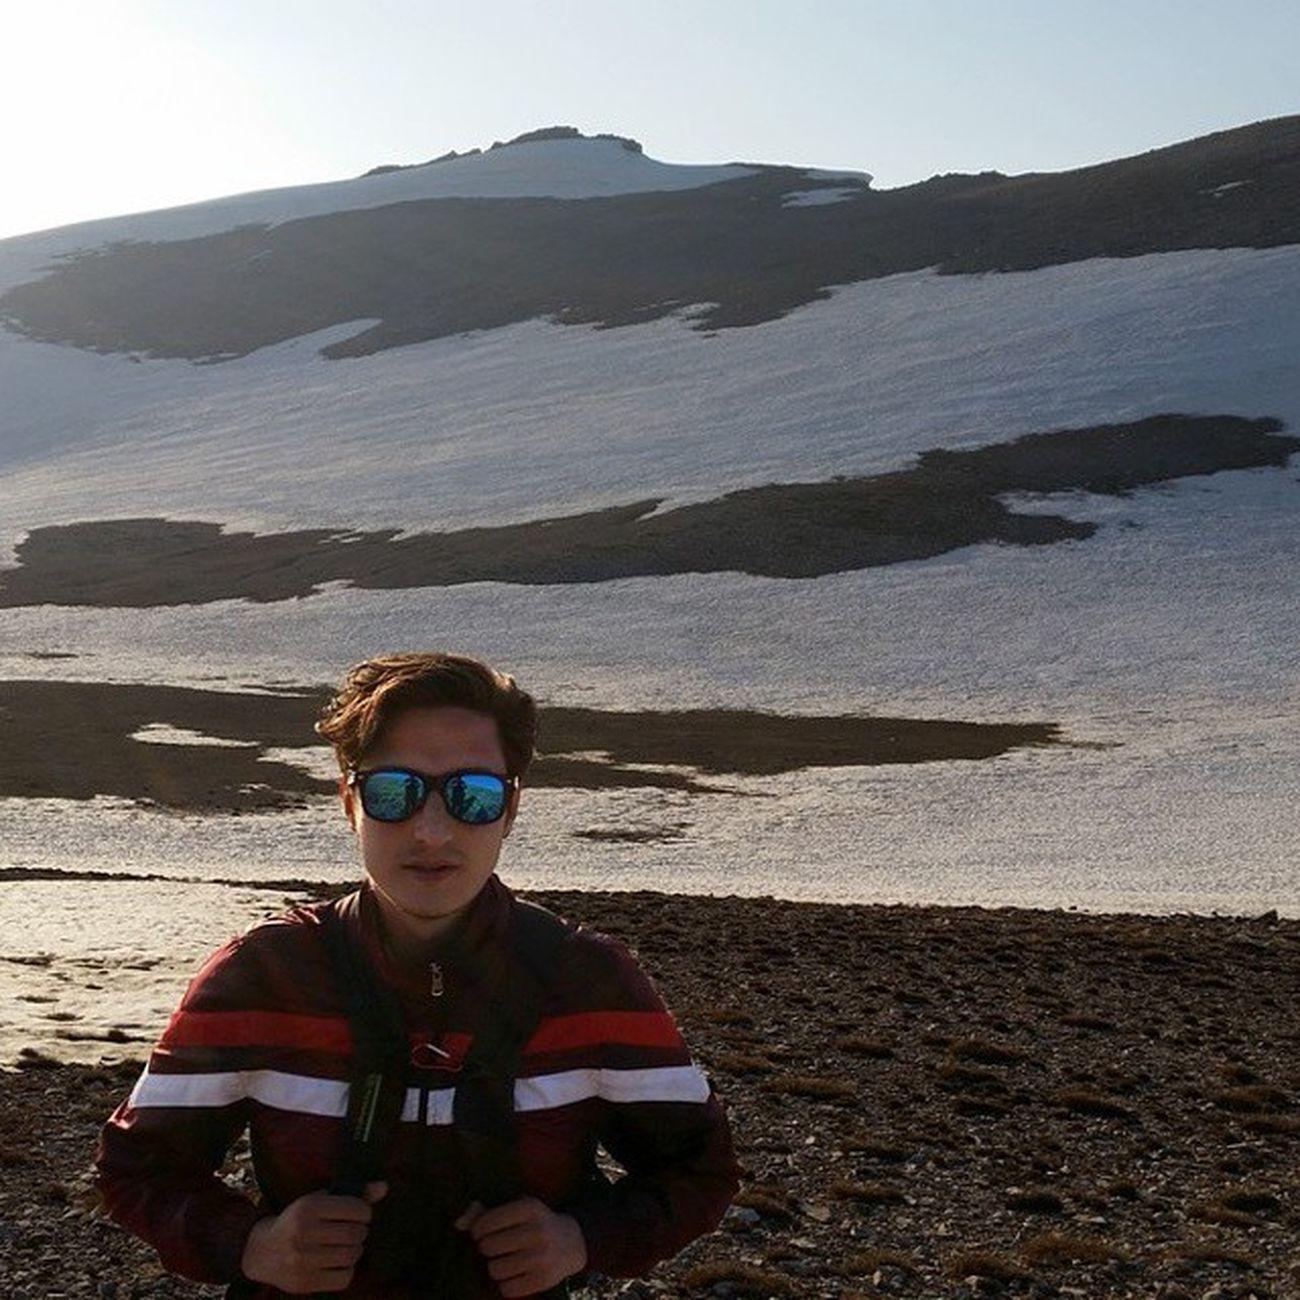 Uludag Zirve Snow Kar Dağ Mountain Karagöl Karagölyaylası Backlake Mountaineer Keles Mountaineering Alpinist Bursa